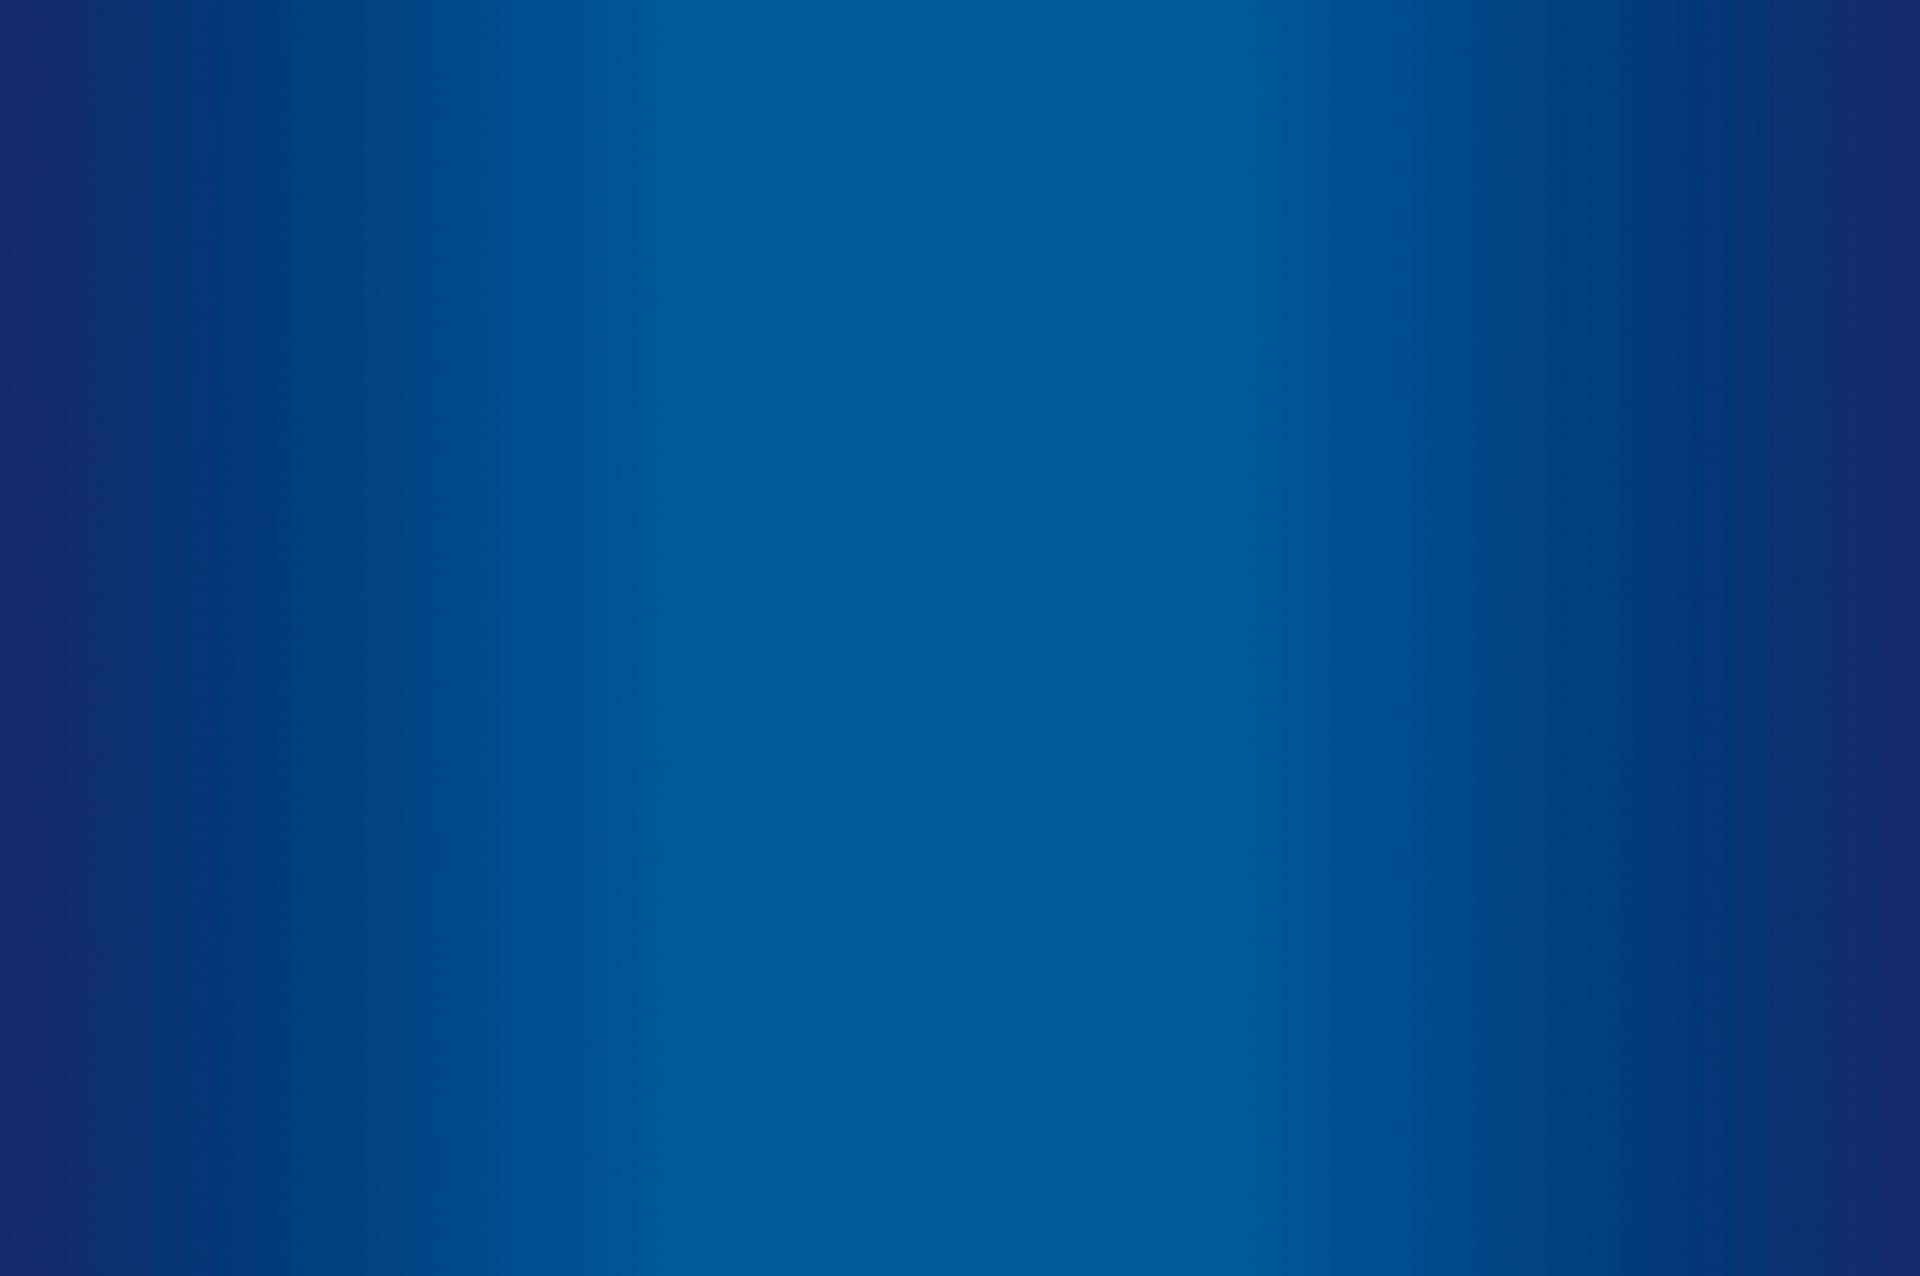 Radbrauerei Gebr. Bucher –Günzburger Weizen – Hintergrund blau